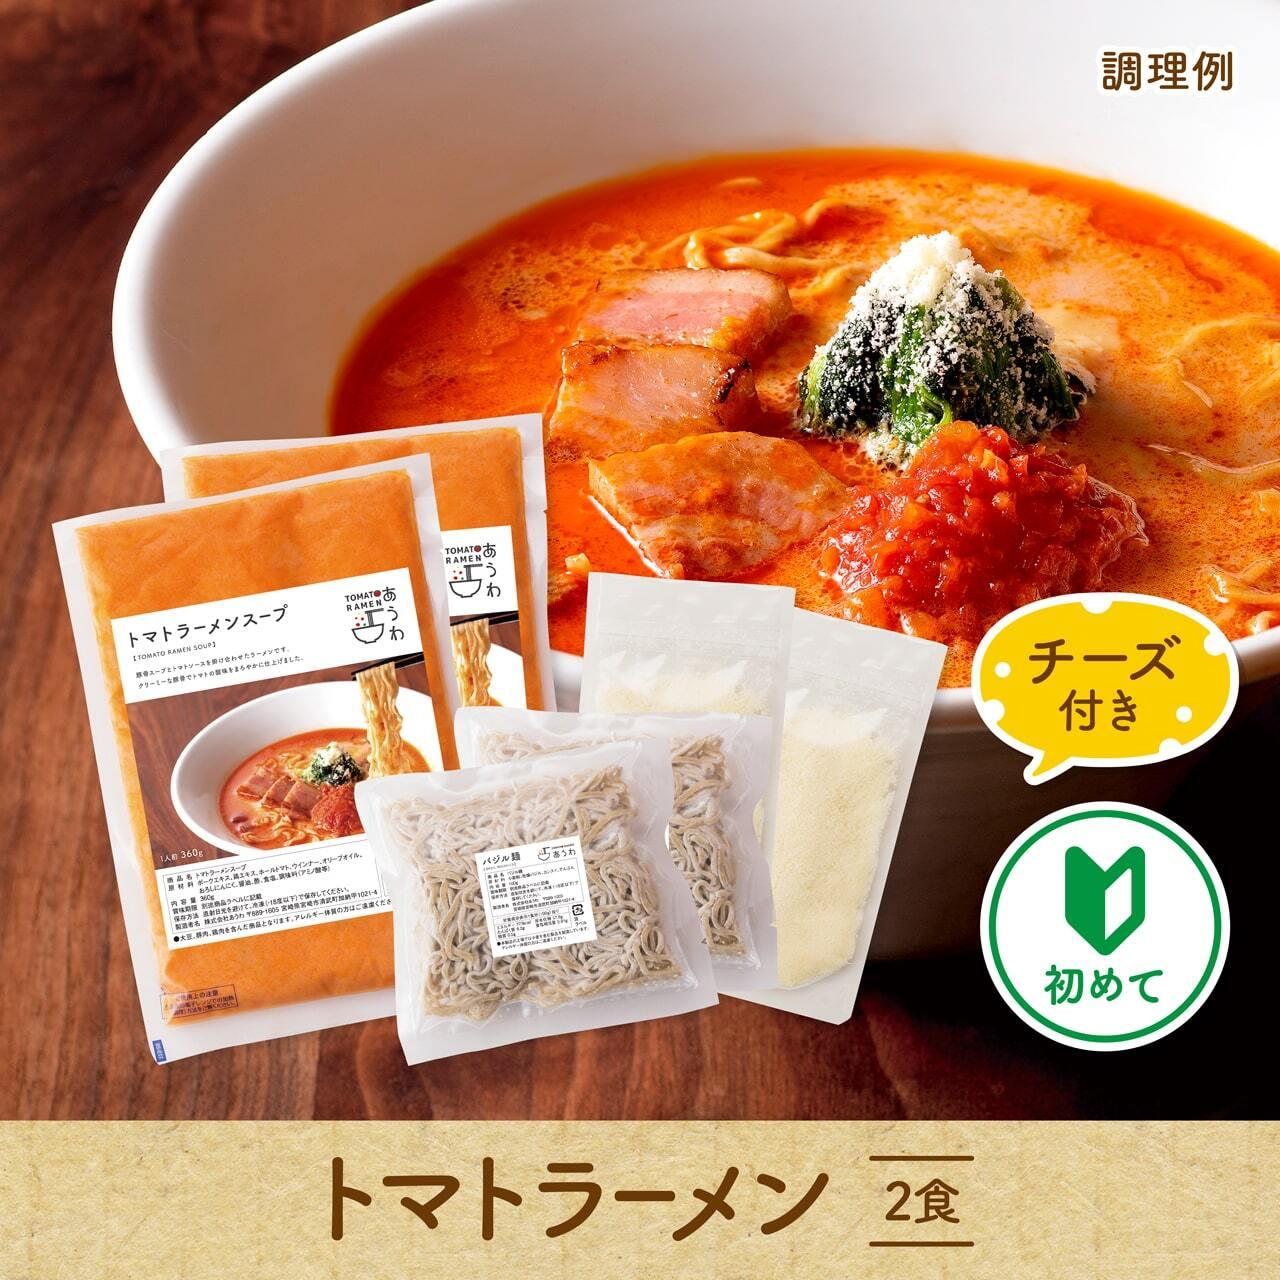 【初めての方/チーズ付き】トマトラーメン 2食セット